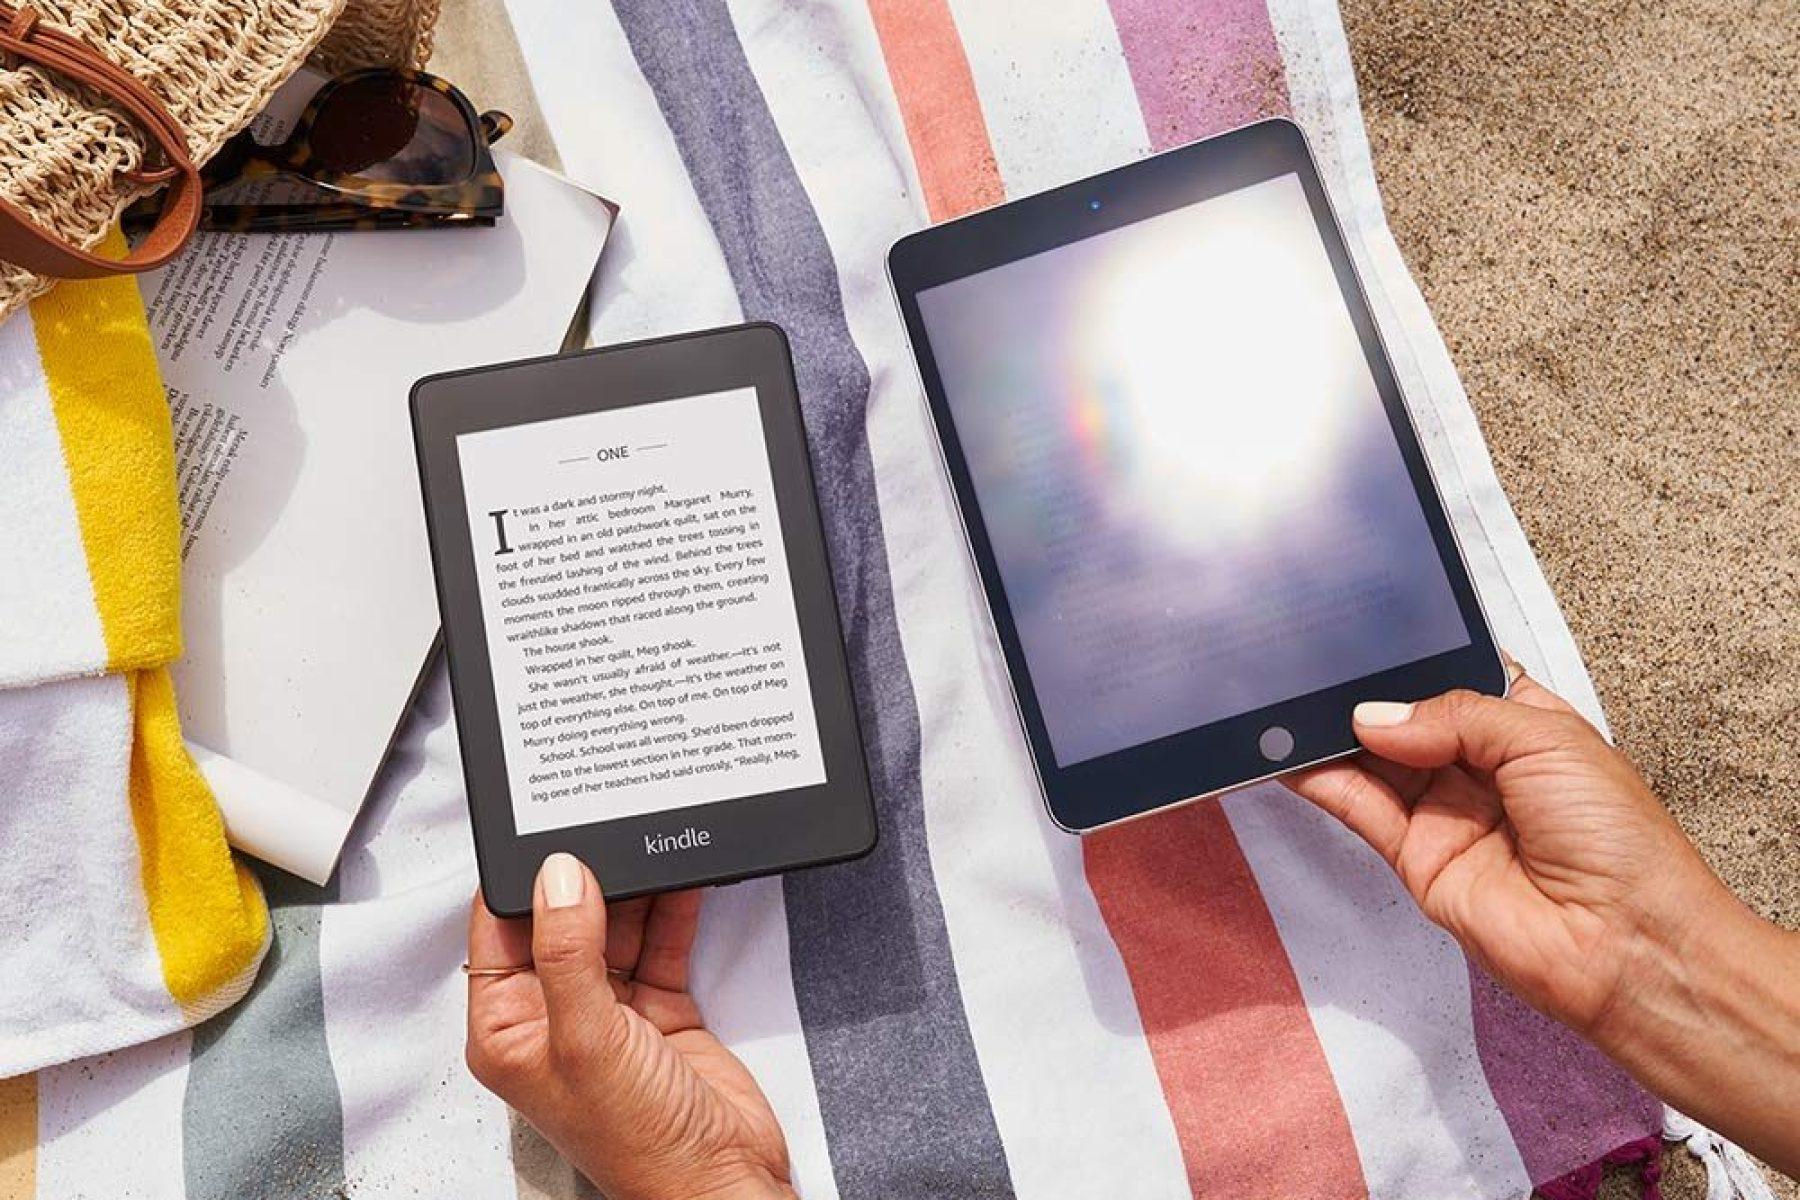 Kā izvēlēties sev piemērotāko e-grāmatu lasītāju?